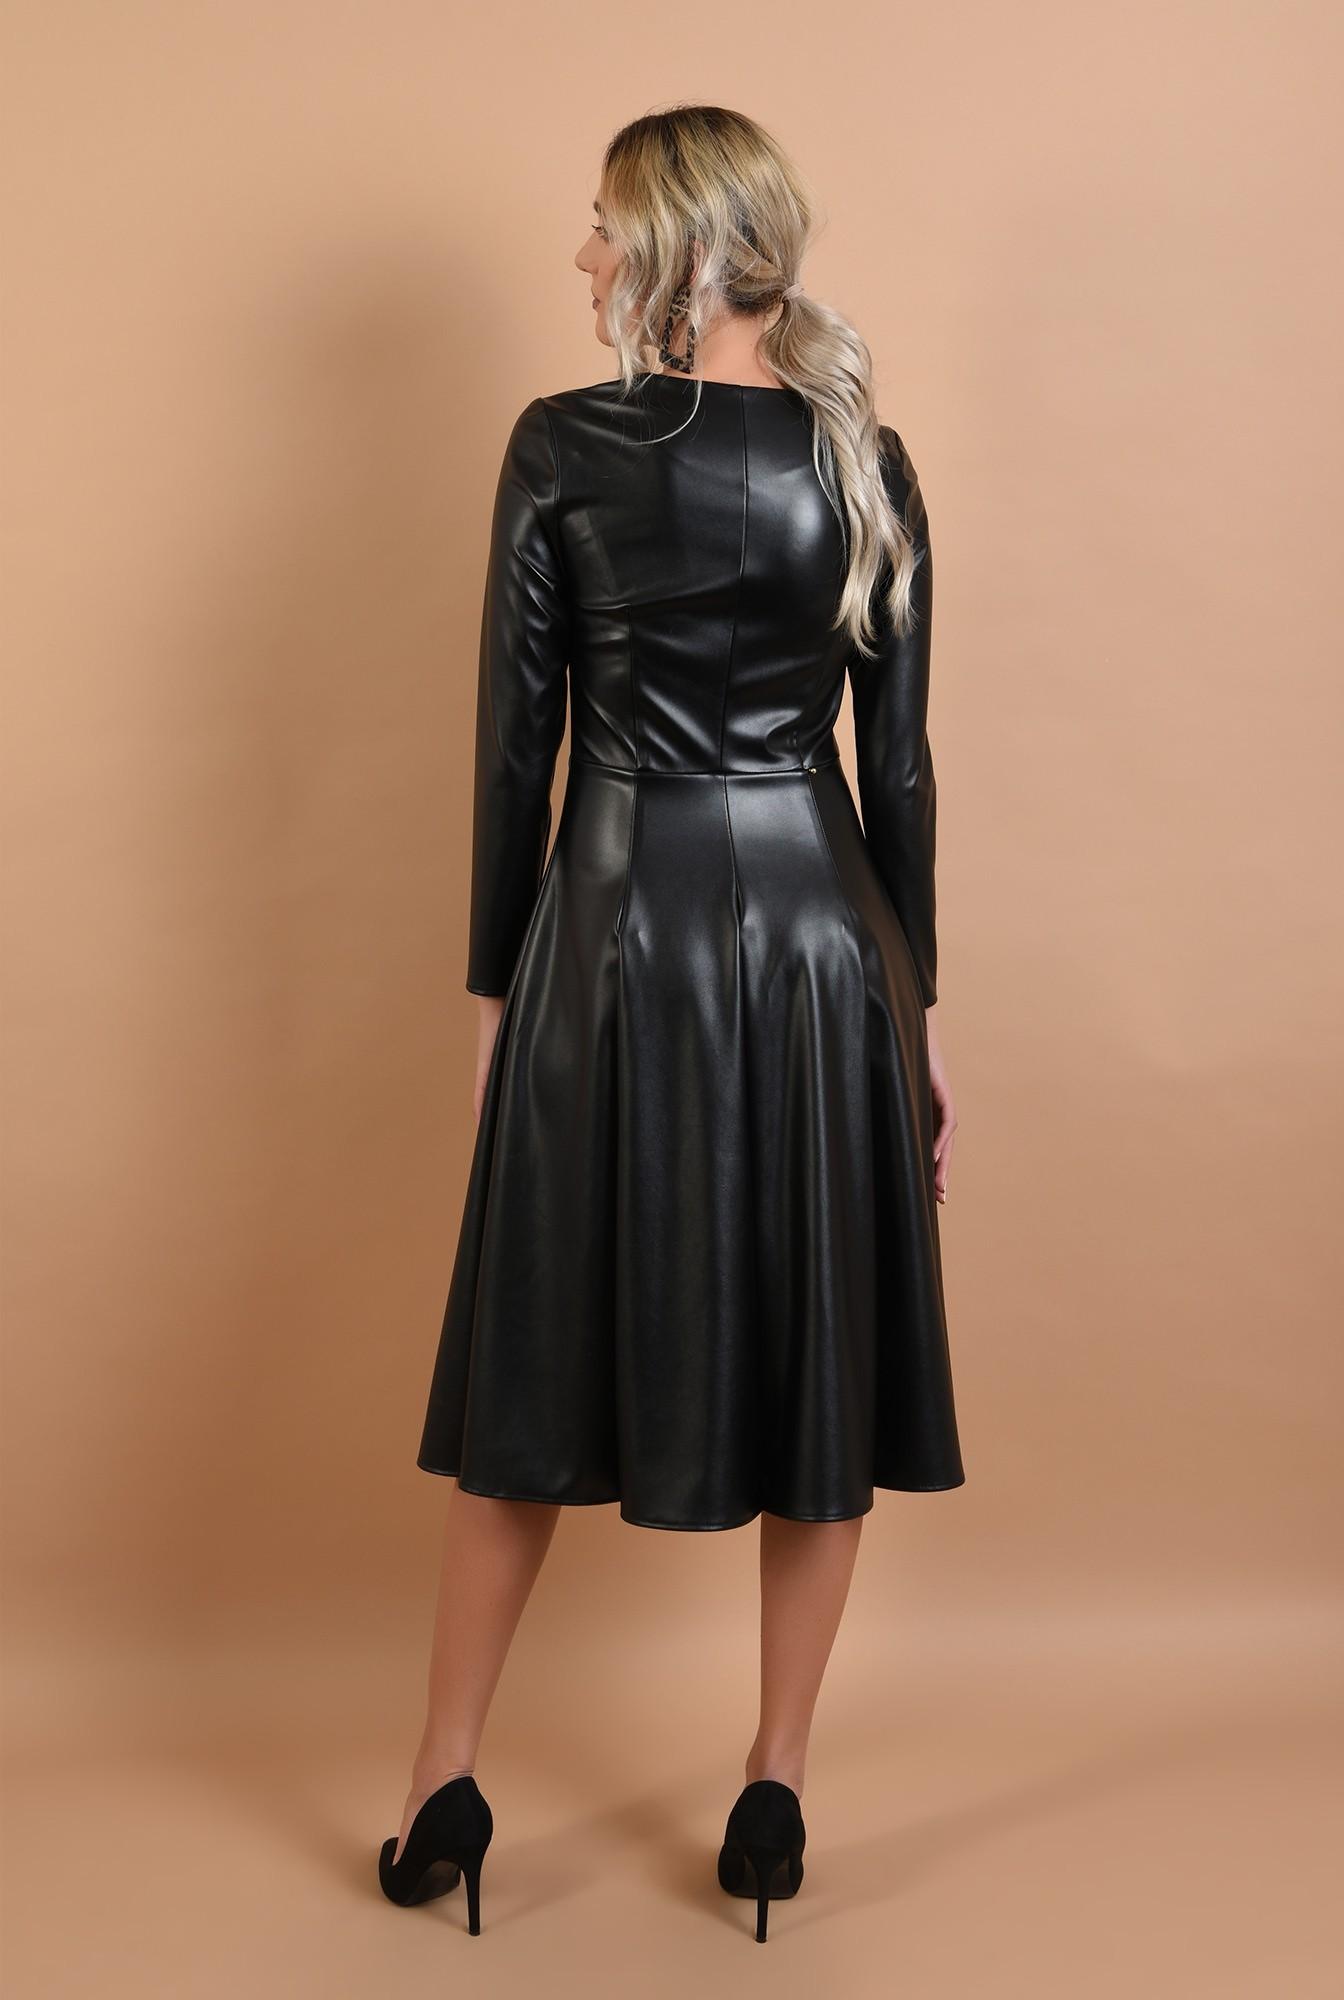 1 - rochie casual, evazata, neagra, din piele, midi, Poema